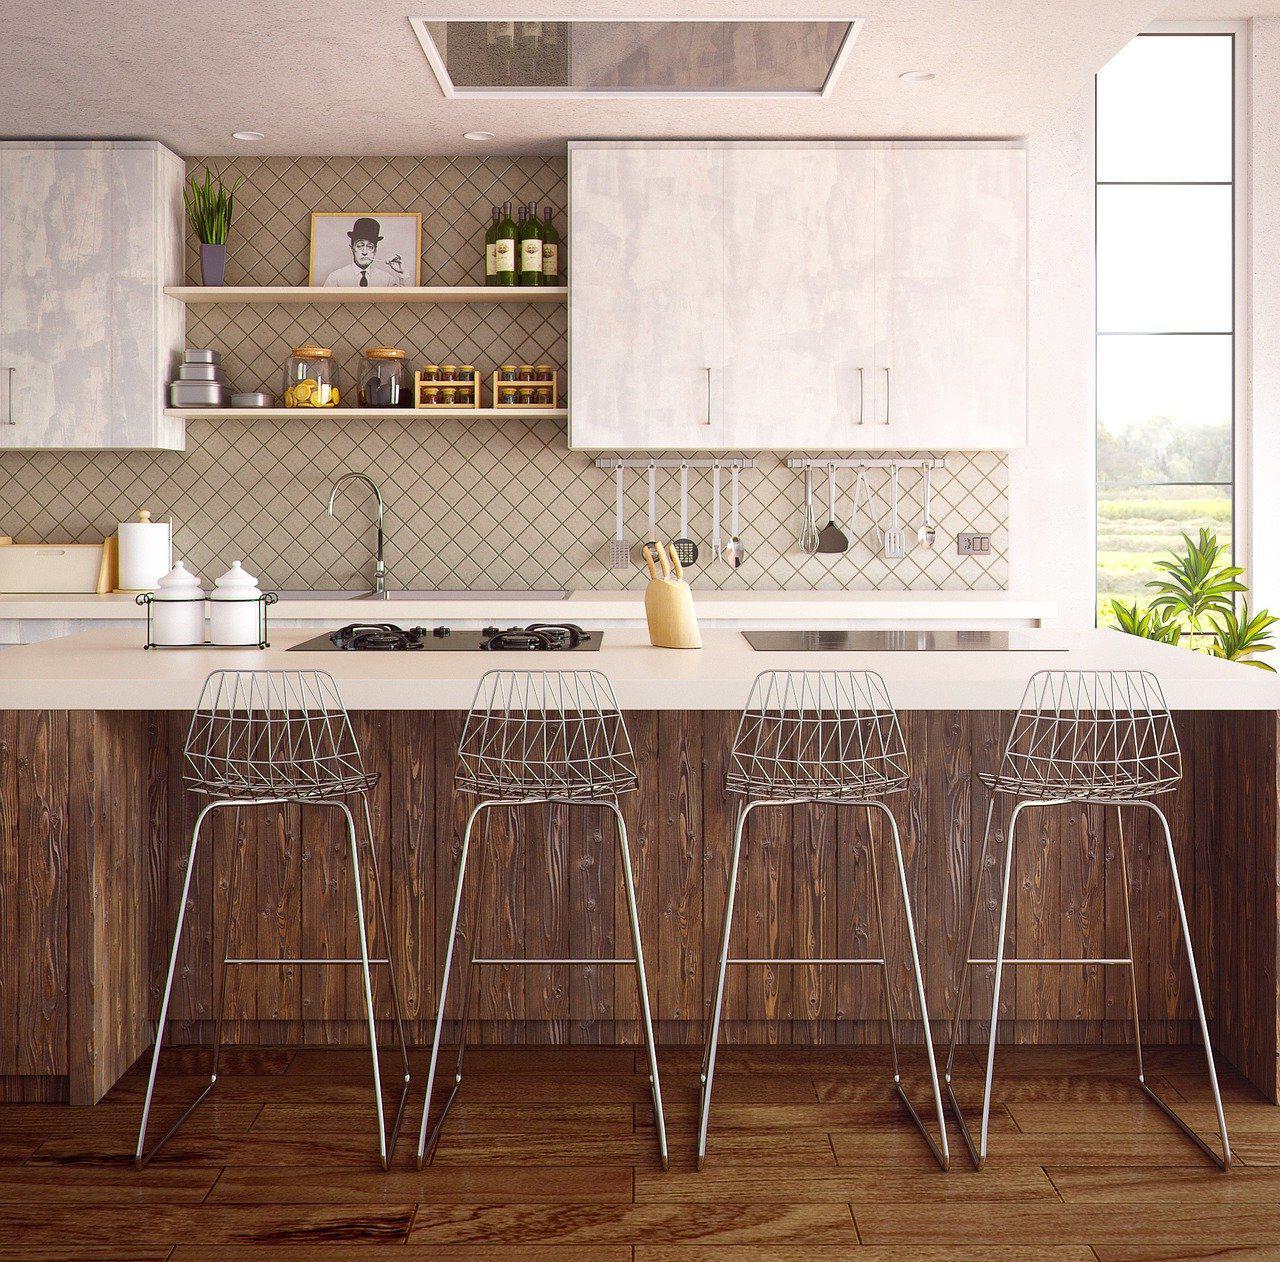 Rénovation de cuisine à Marignane 13700 : Les tarifs